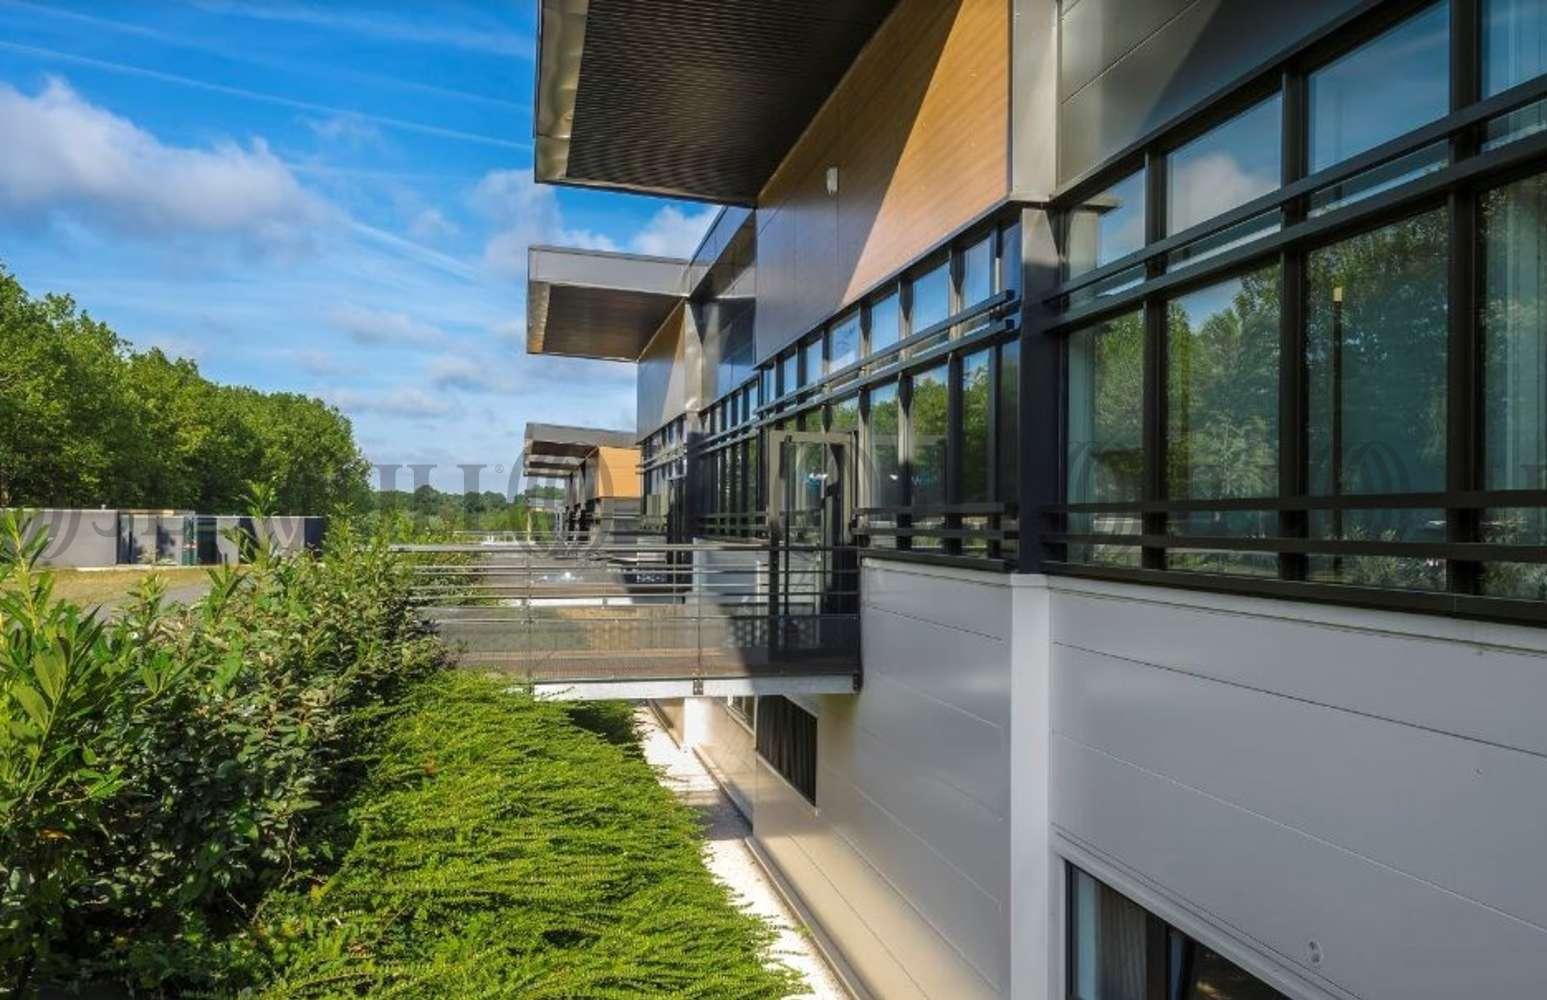 Activités/entrepôt Bussy st georges, 77600 - ZAC LEONARD DE VINCI - 9520976